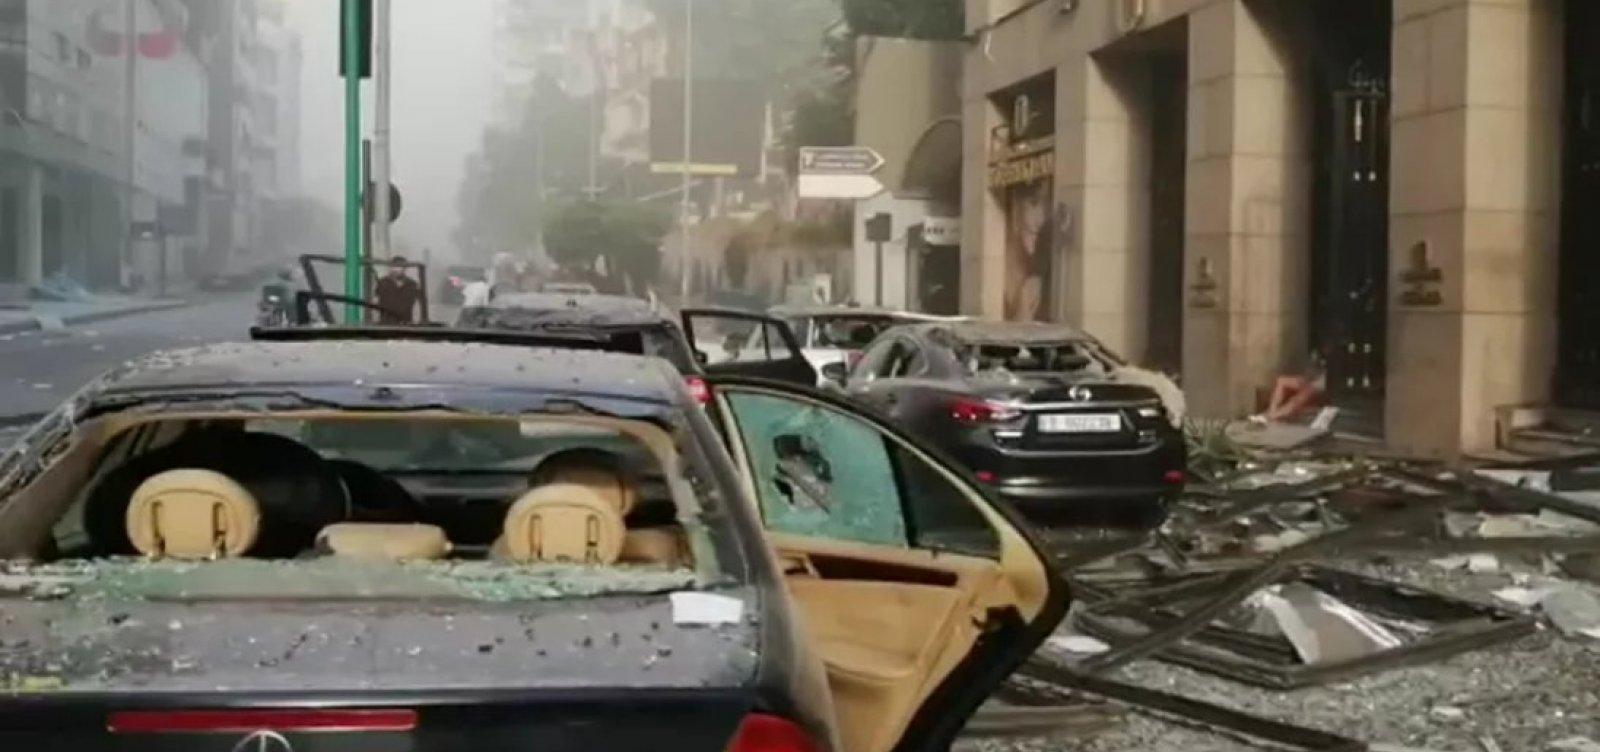 [Governo do Líbano decide colocar todos os responsáveis pelo porto de Beirute em prisão domiciliar]